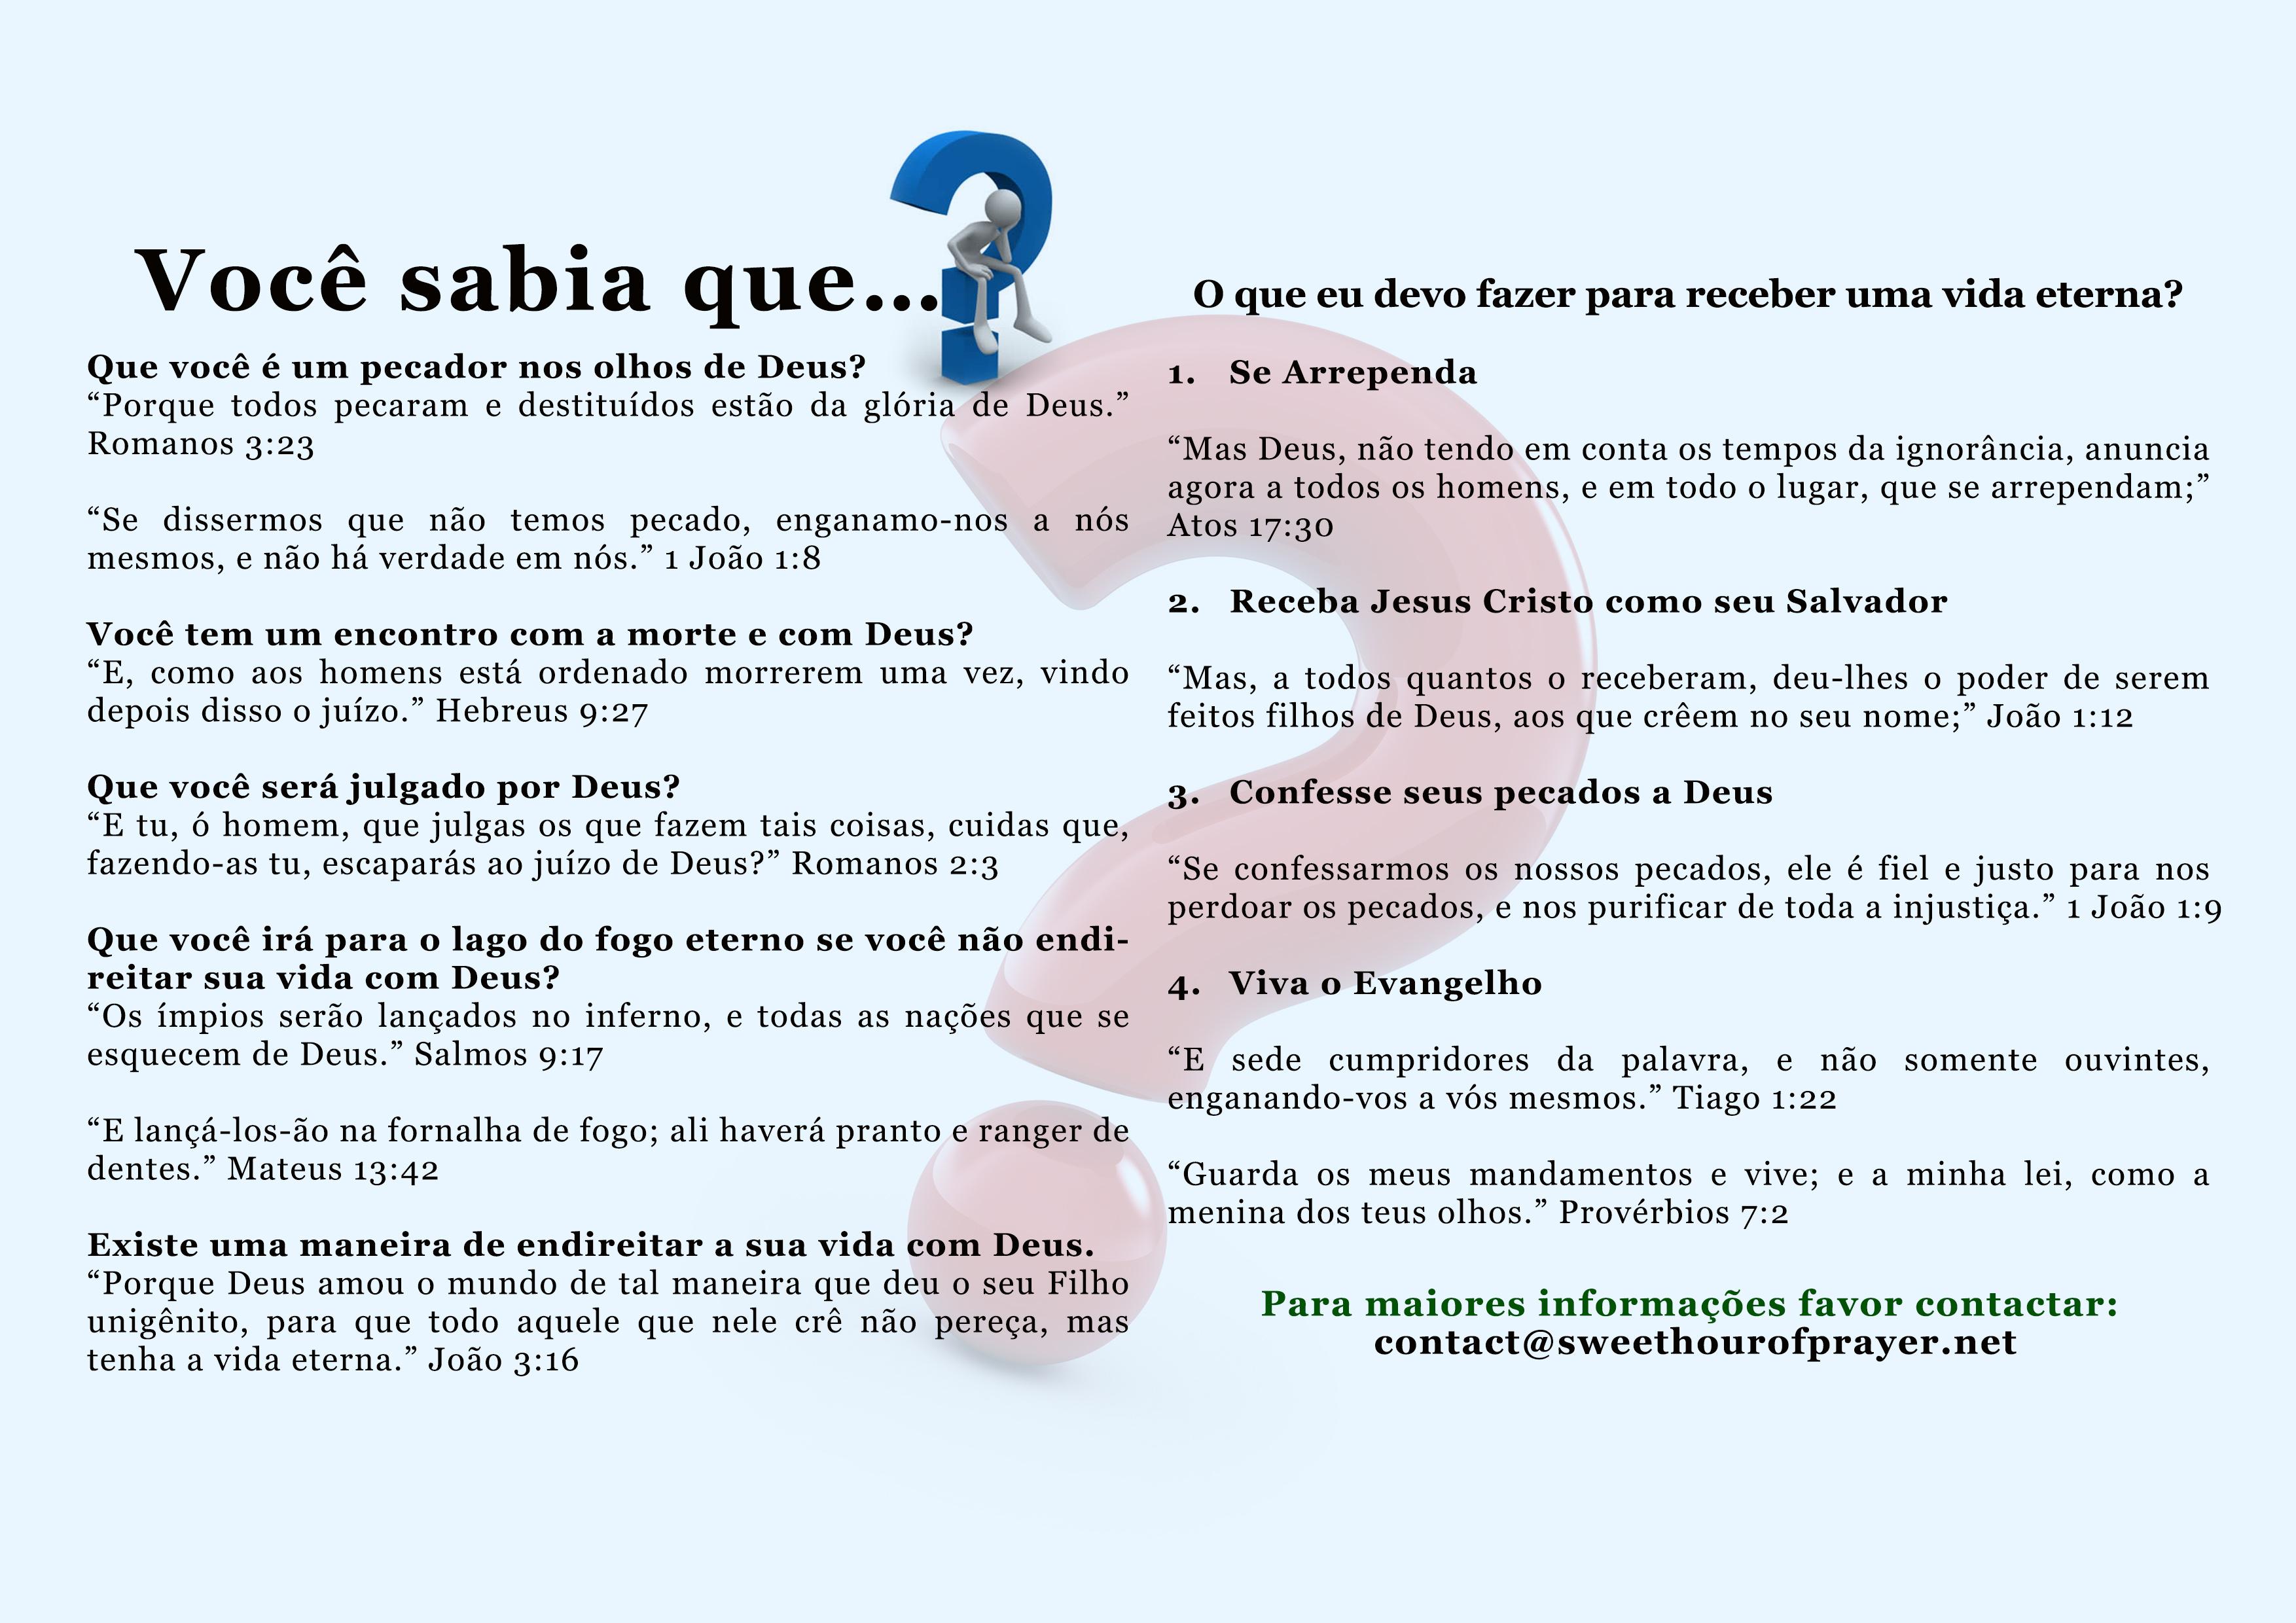 Do you know portugues